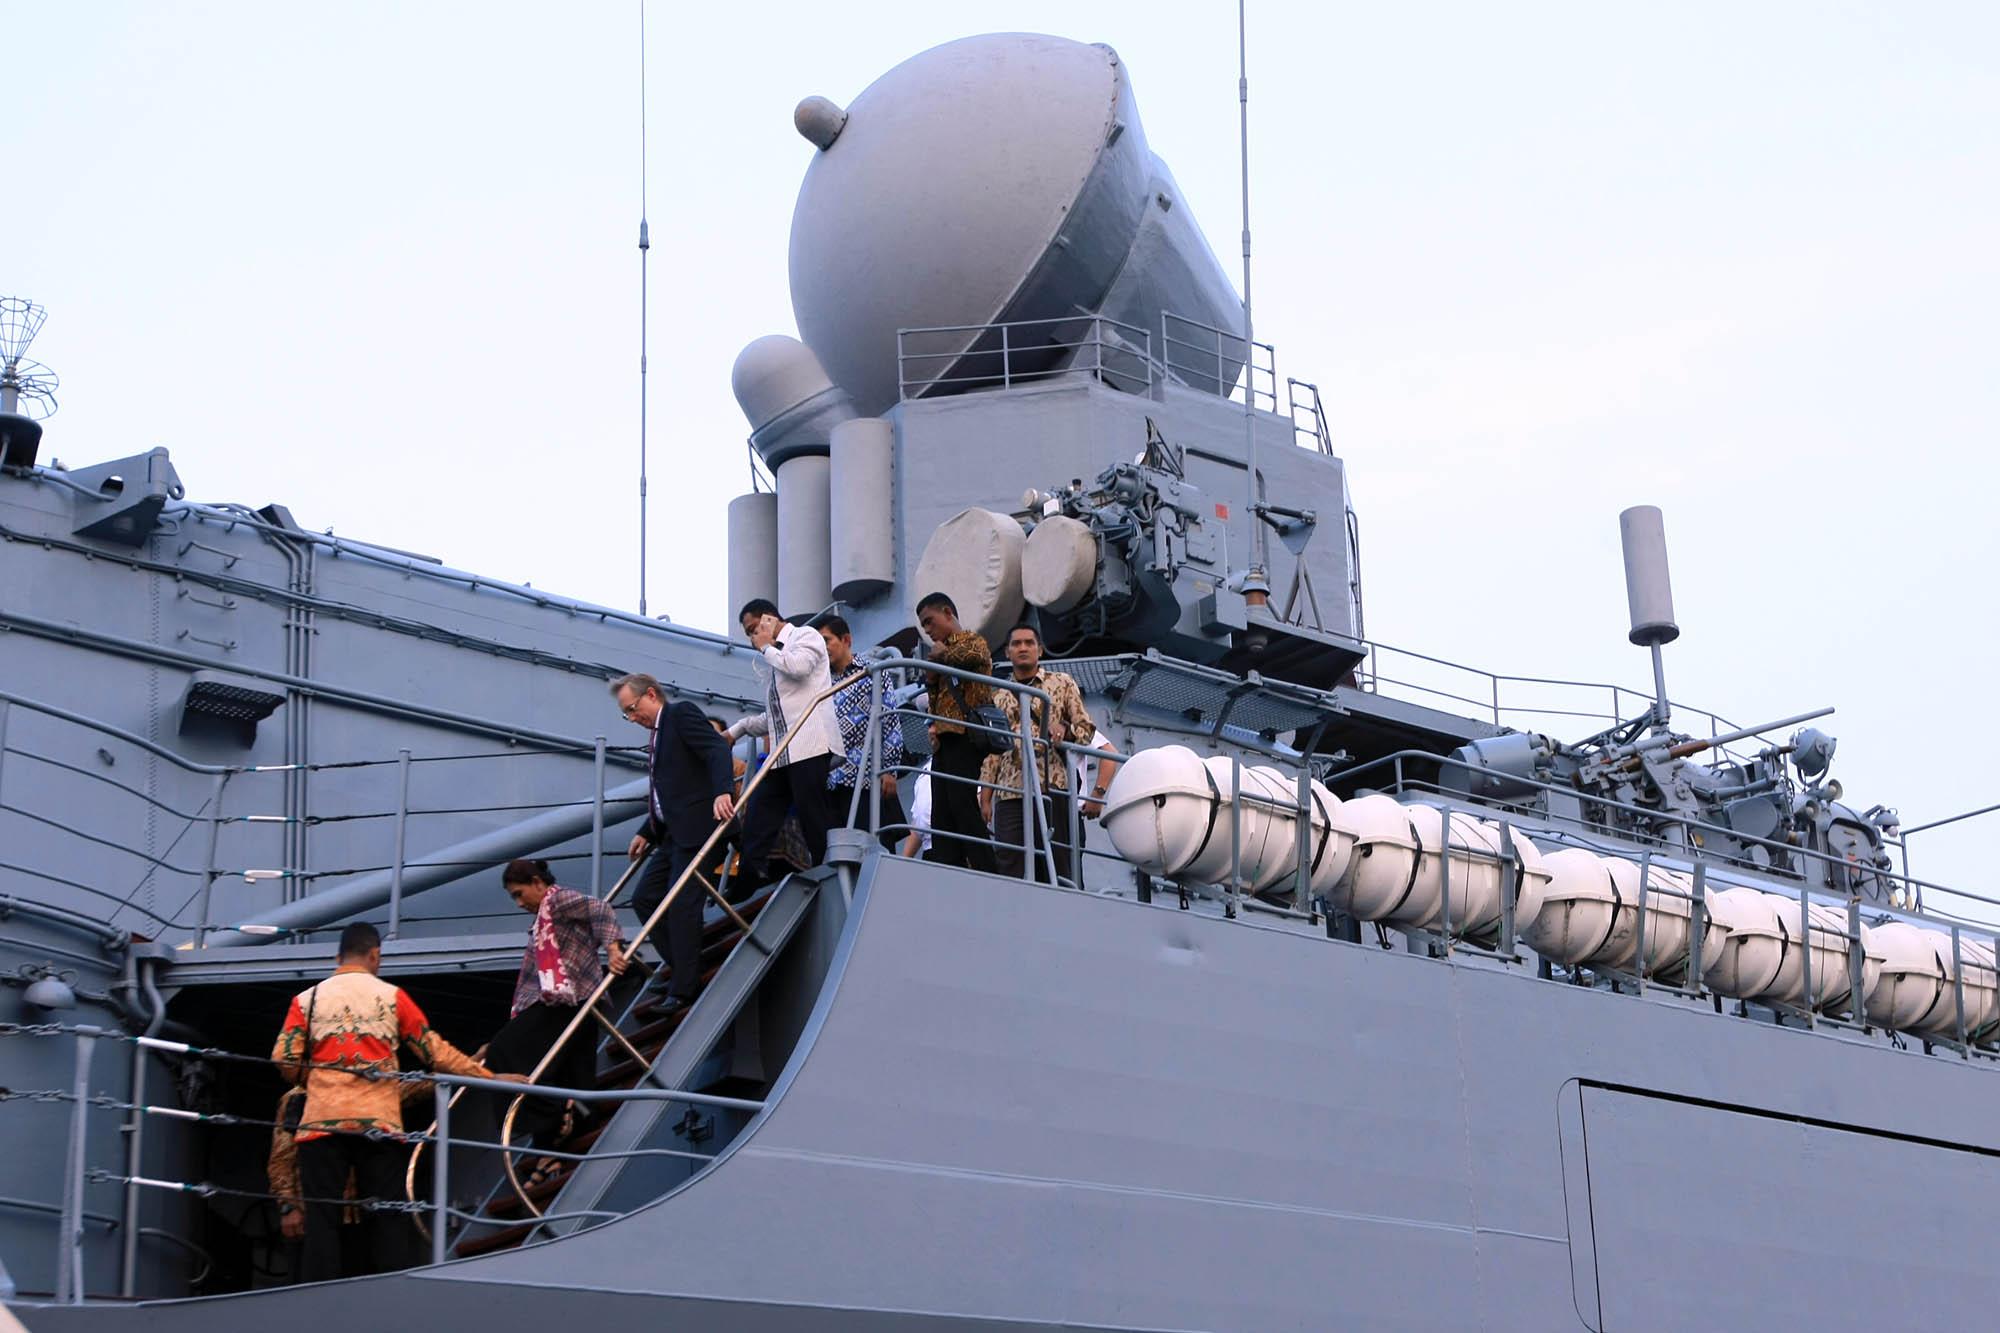 Menteri Kelautan dan Perikanan Susi Pudji Astuti (kedua dari kiri) didampingi Duta Besar Rusia Untuk Indonesia Mikhail Galuzin (ketiga dari kiri) meninjau kapal jelajah 'Varyag' di Pelabuhan JICT 2, Tanjung Priok, Jakarta, Selasa (23/5).